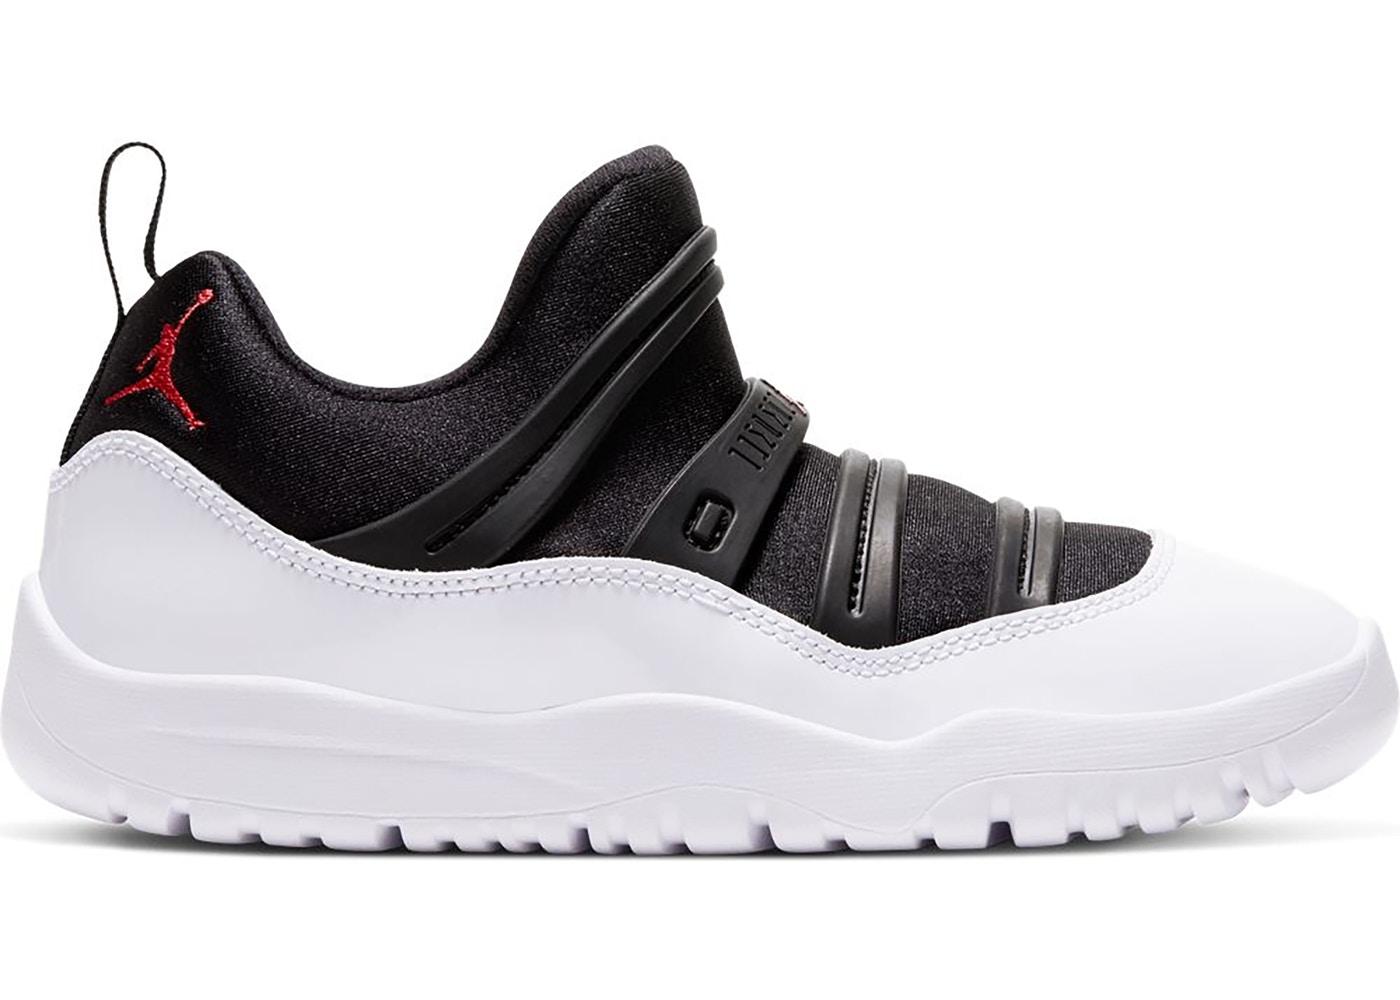 ジョーダン レトロ11 キッズ/ジュニア Air Jordan Retro 11 Little Flex Preschool PS スニーカー Black/True Red/White